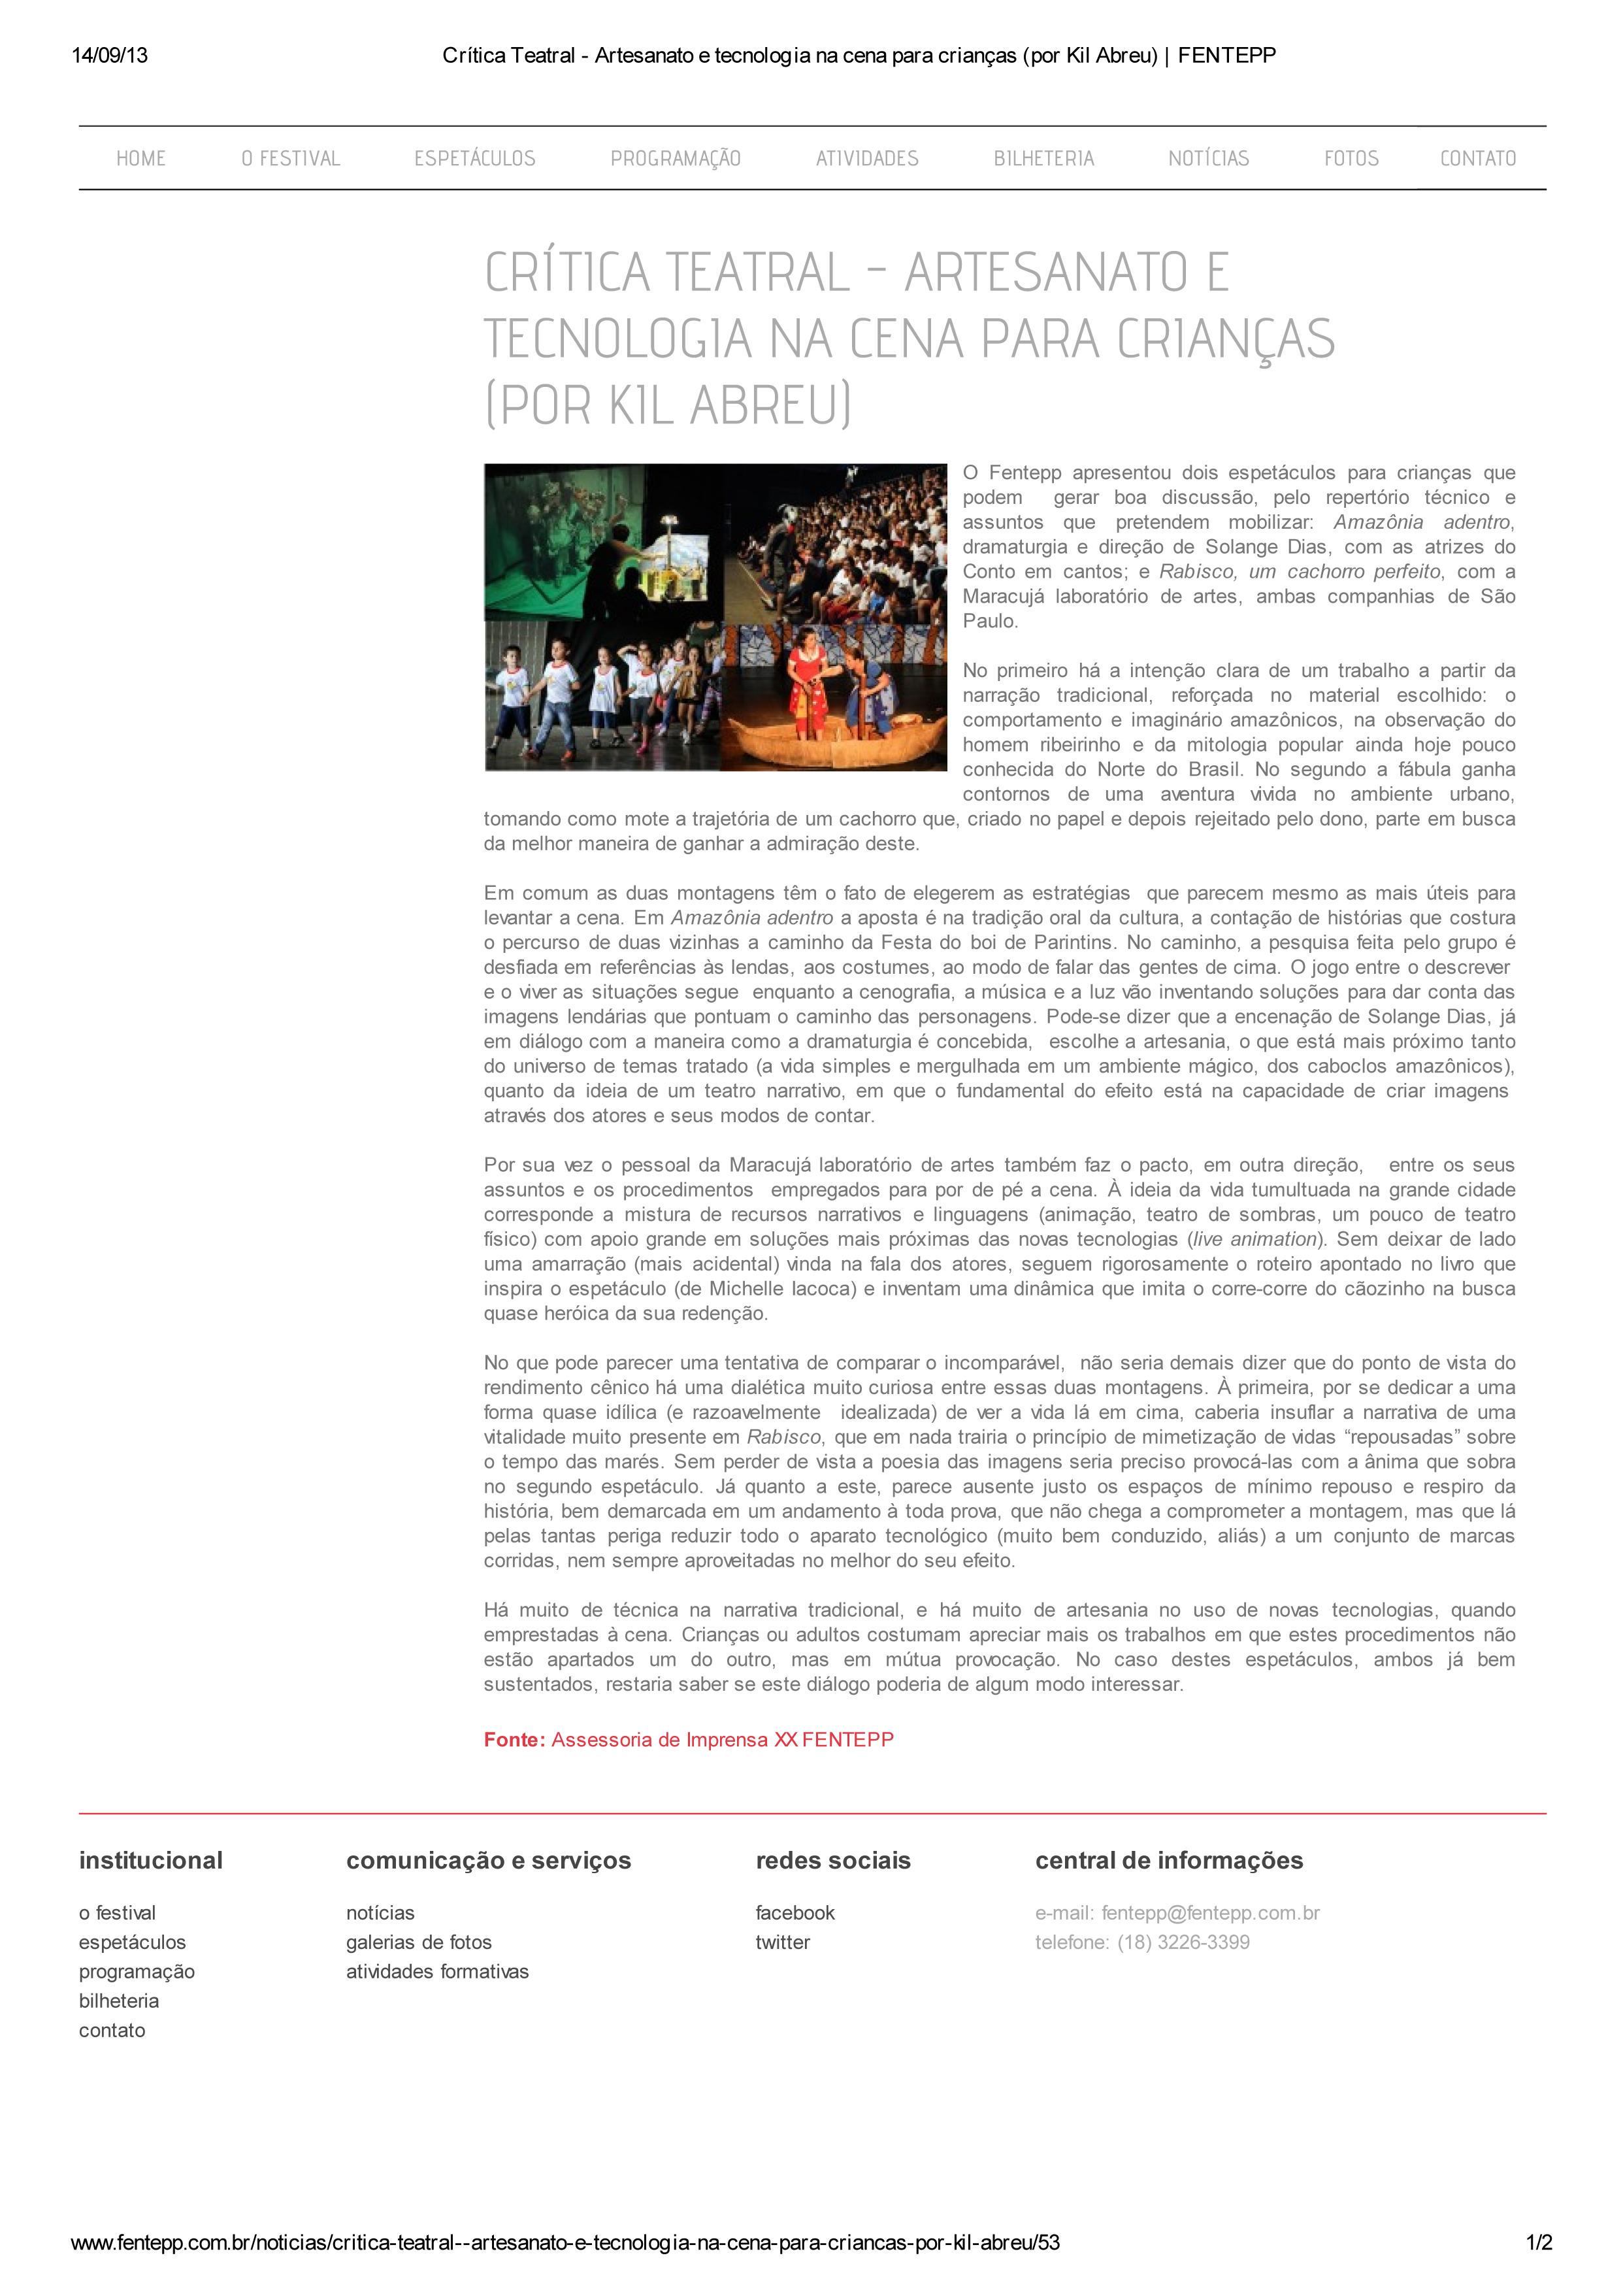 Site FENTEPP - 09-2013